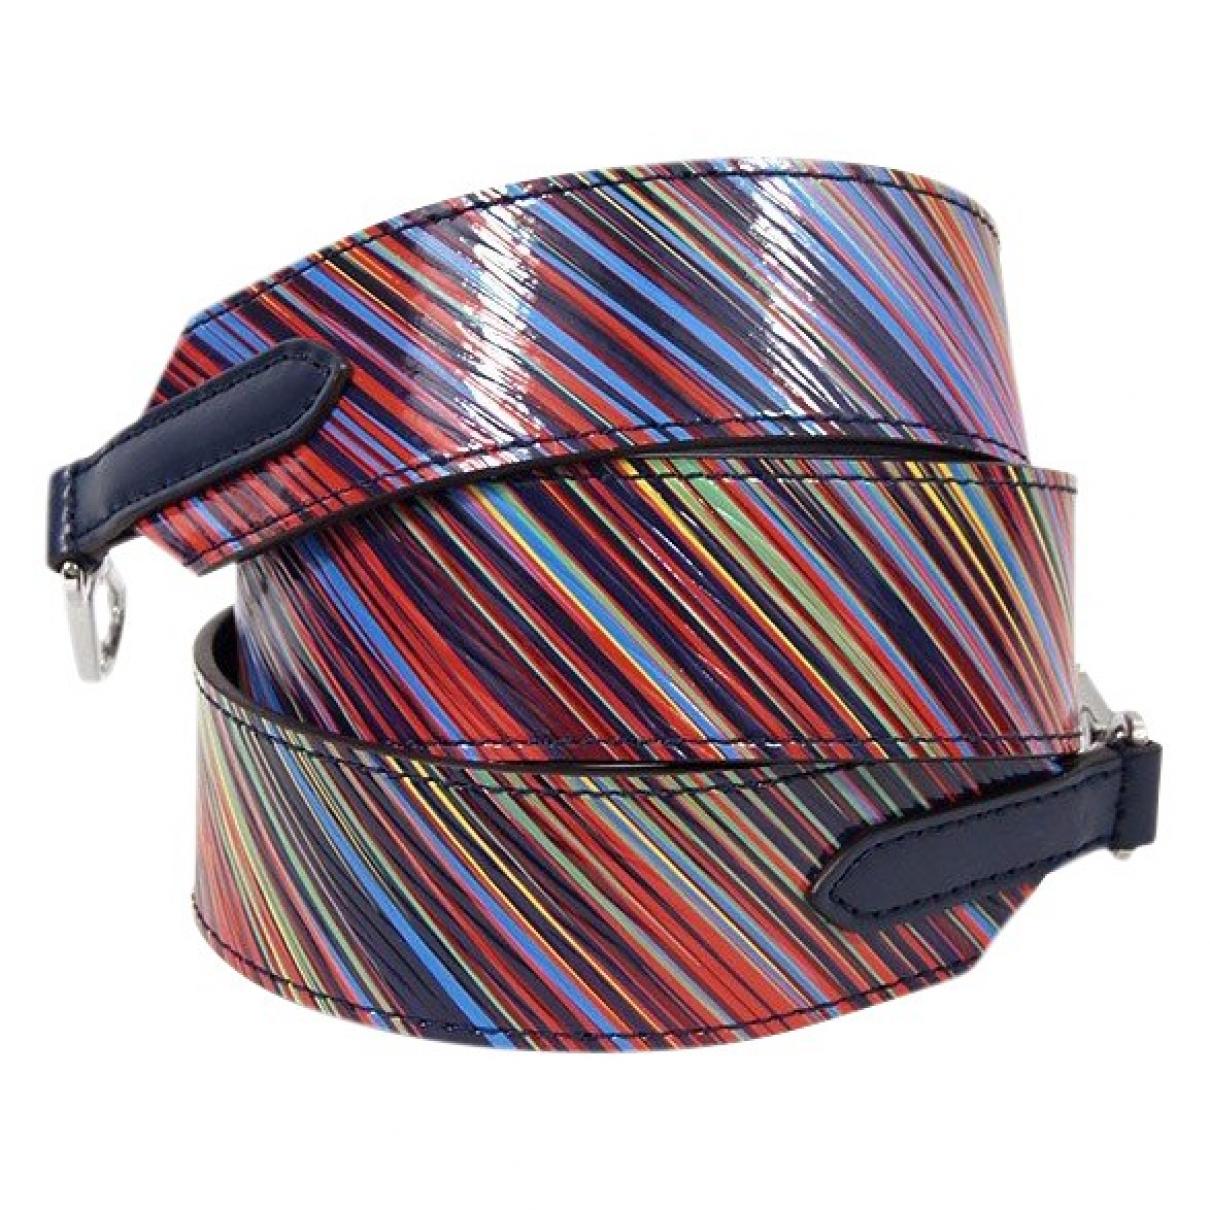 Louis Vuitton \N Multicolour Patent leather Purses, wallet & cases for Women \N